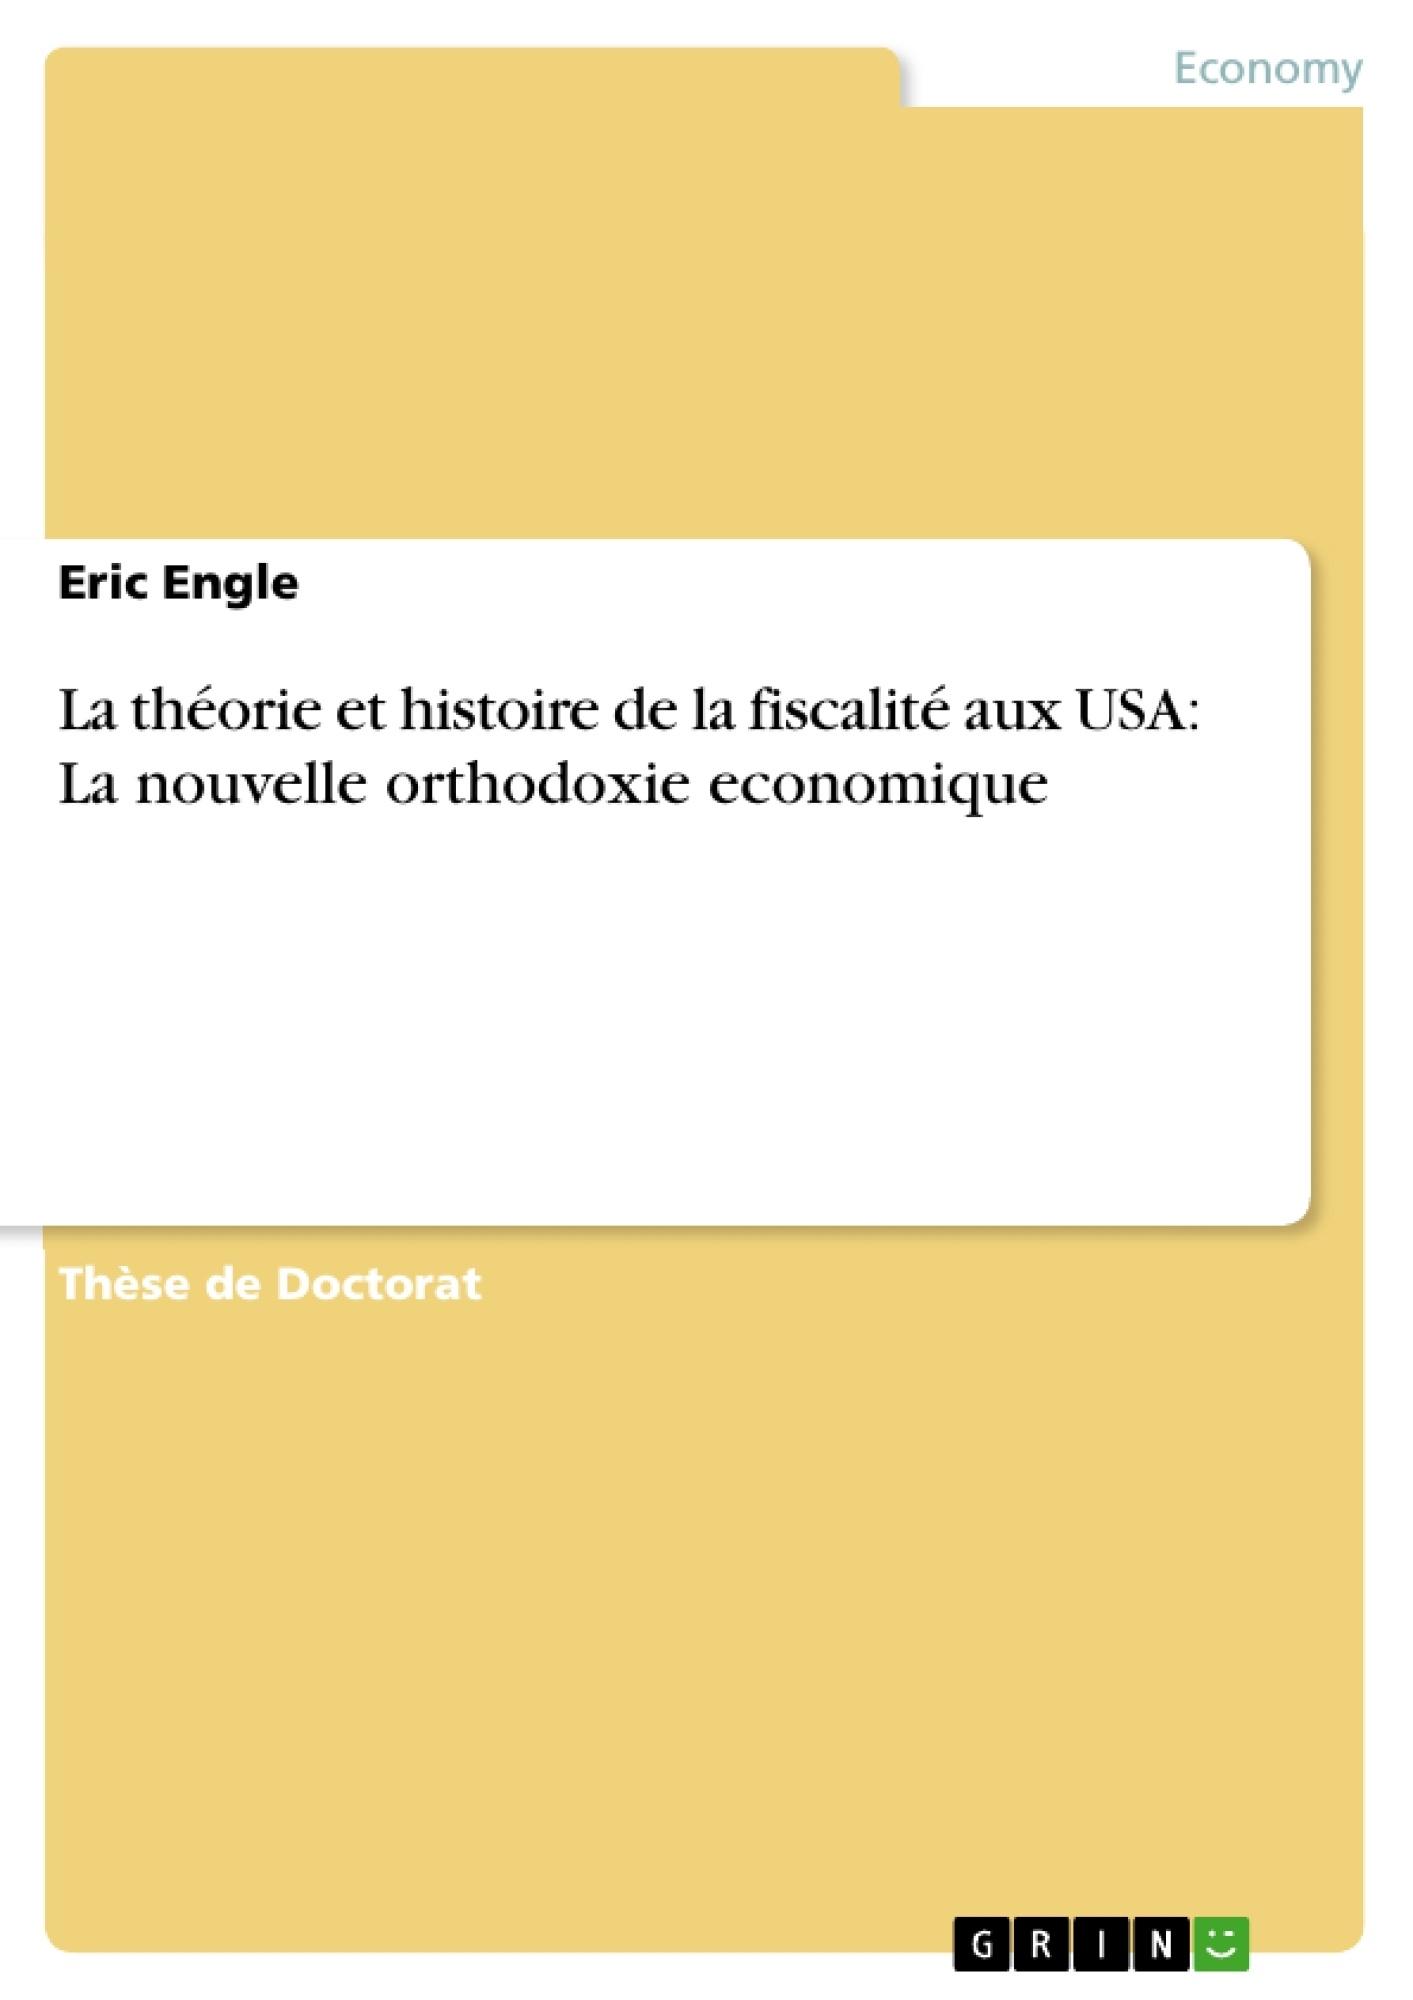 Titre: La théorie et histoire de la fiscalité aux USA: La nouvelle orthodoxie economique